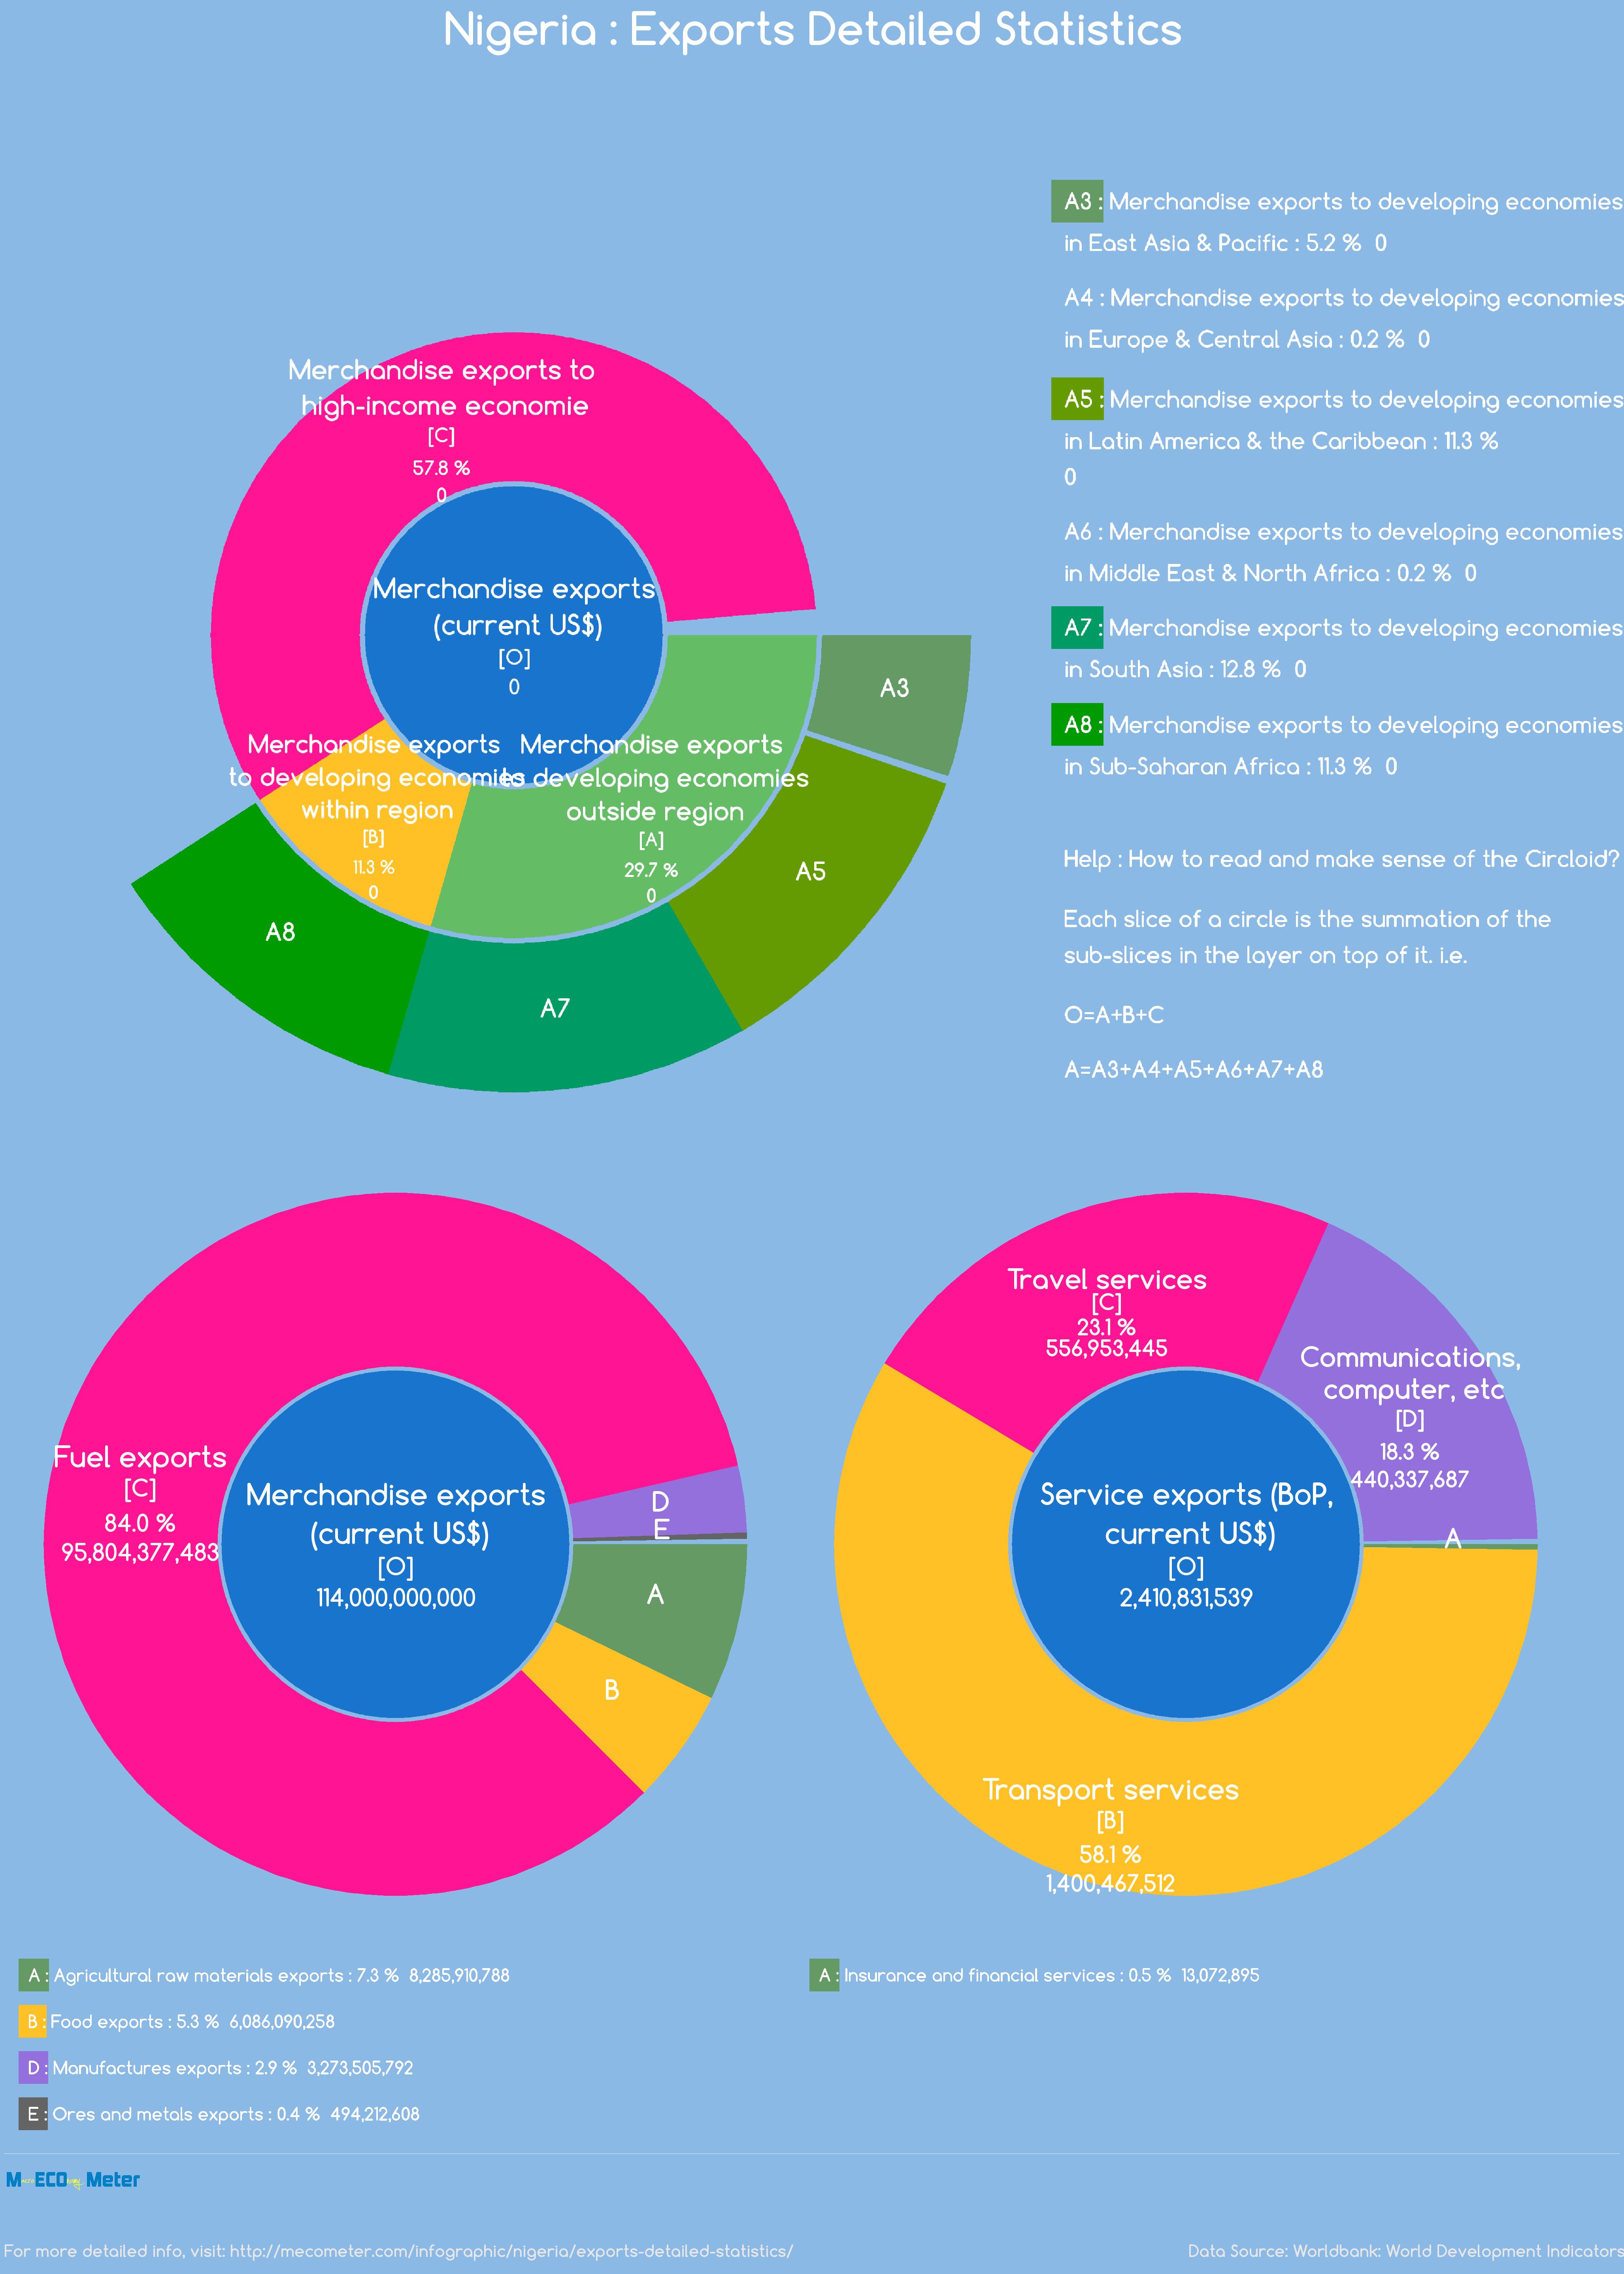 Nigeria : Exports Detailed Statistics